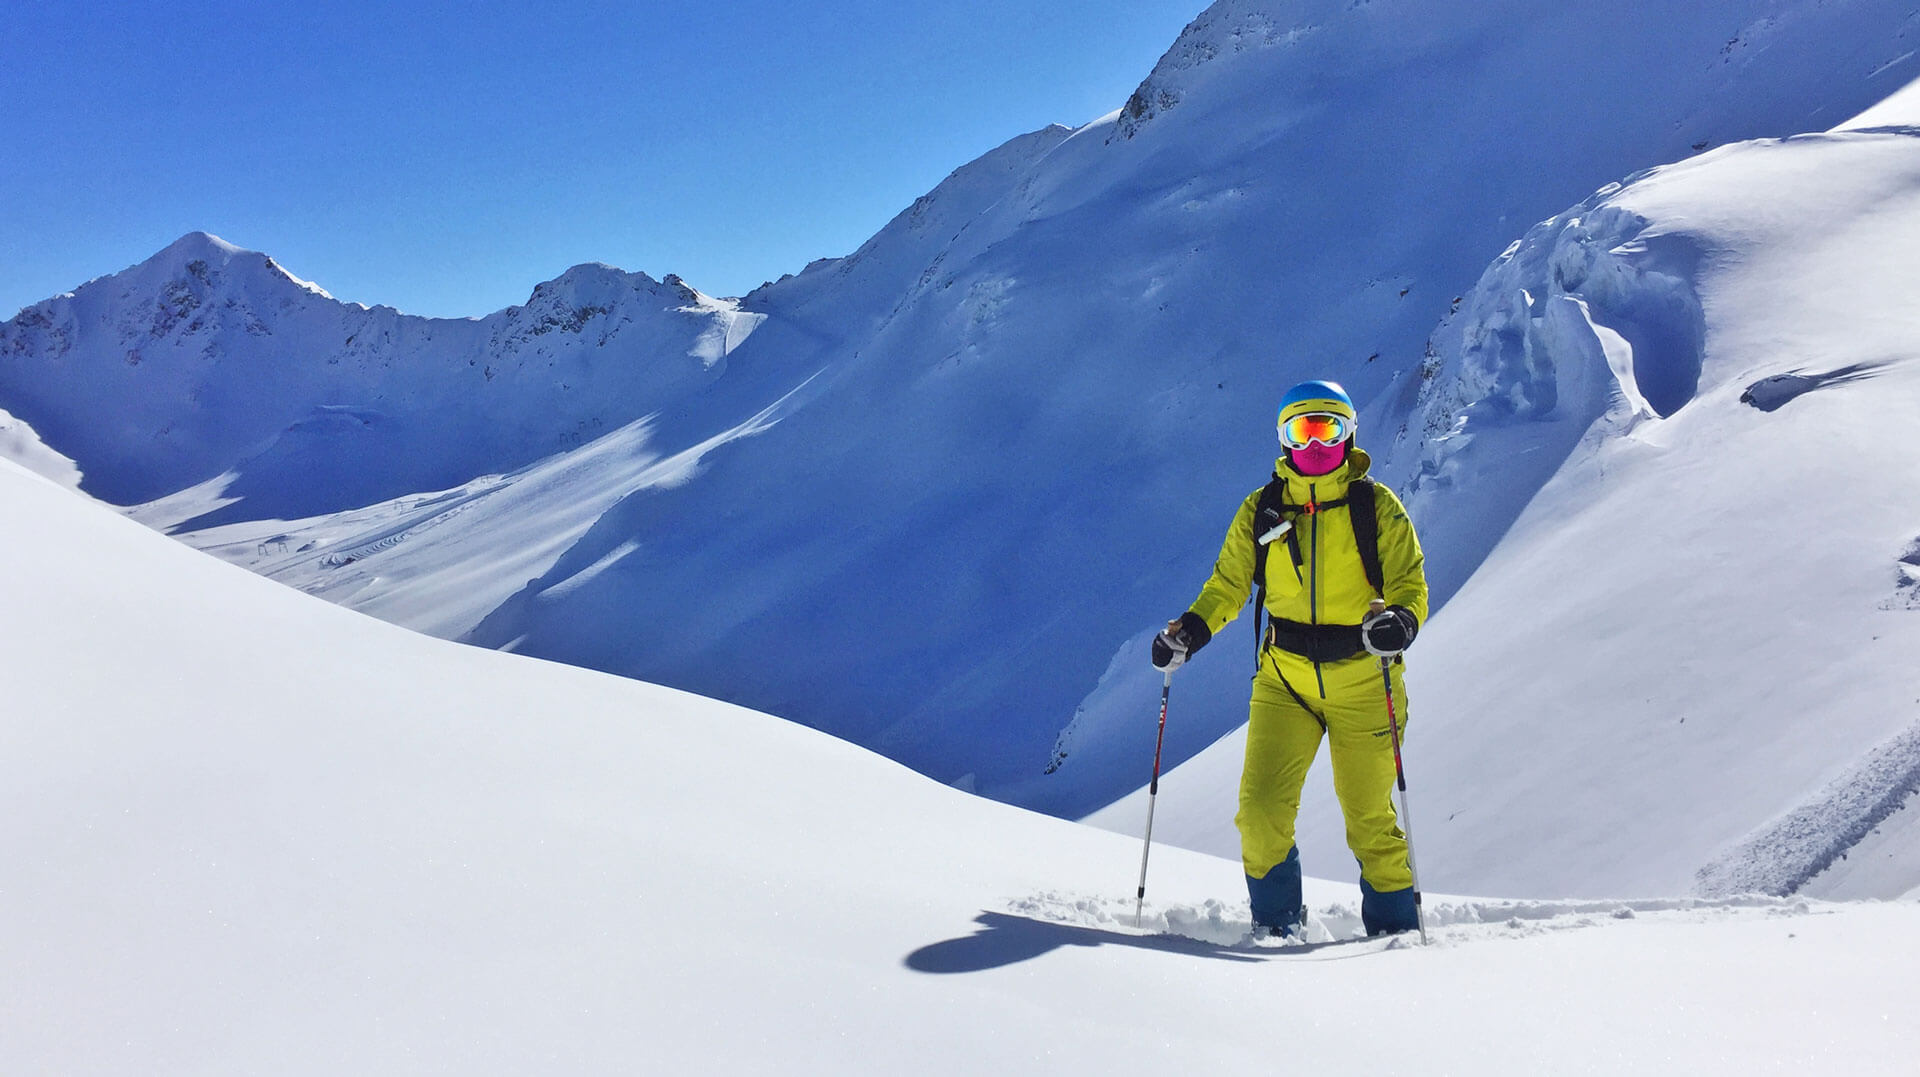 Skifahrer vor verschneiten Bergen